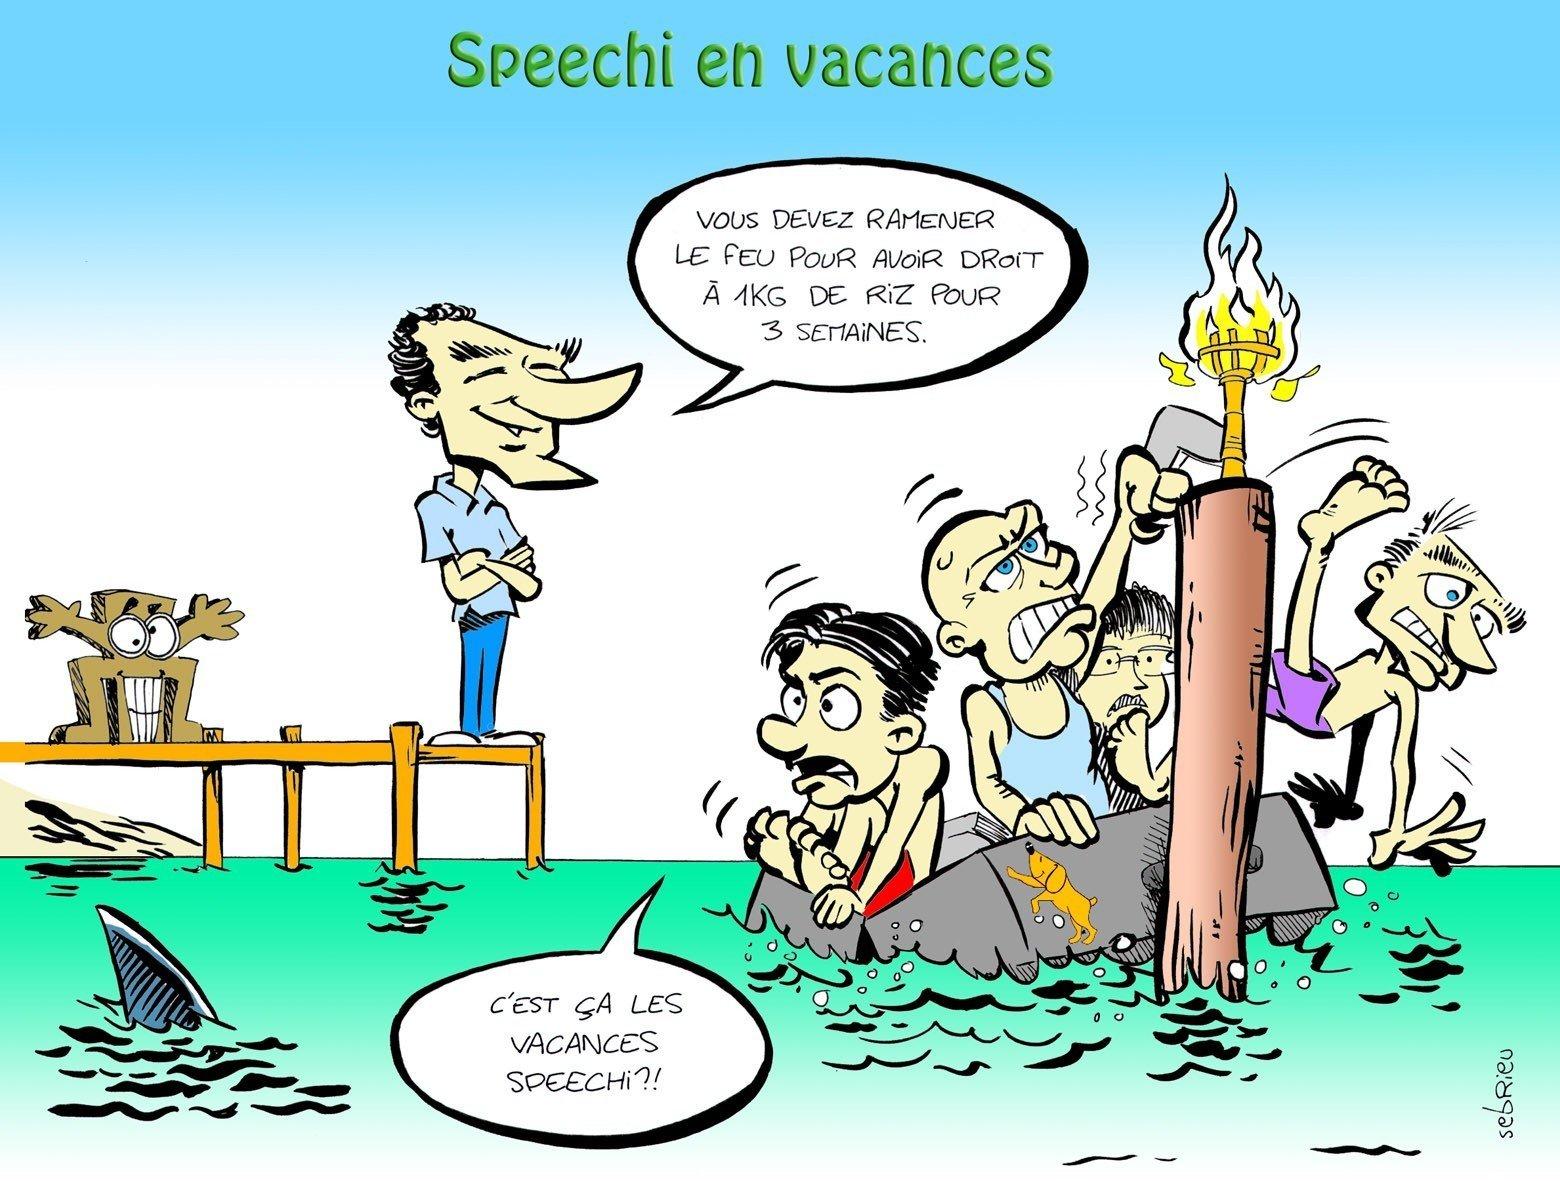 Les vacances de SPEECHI